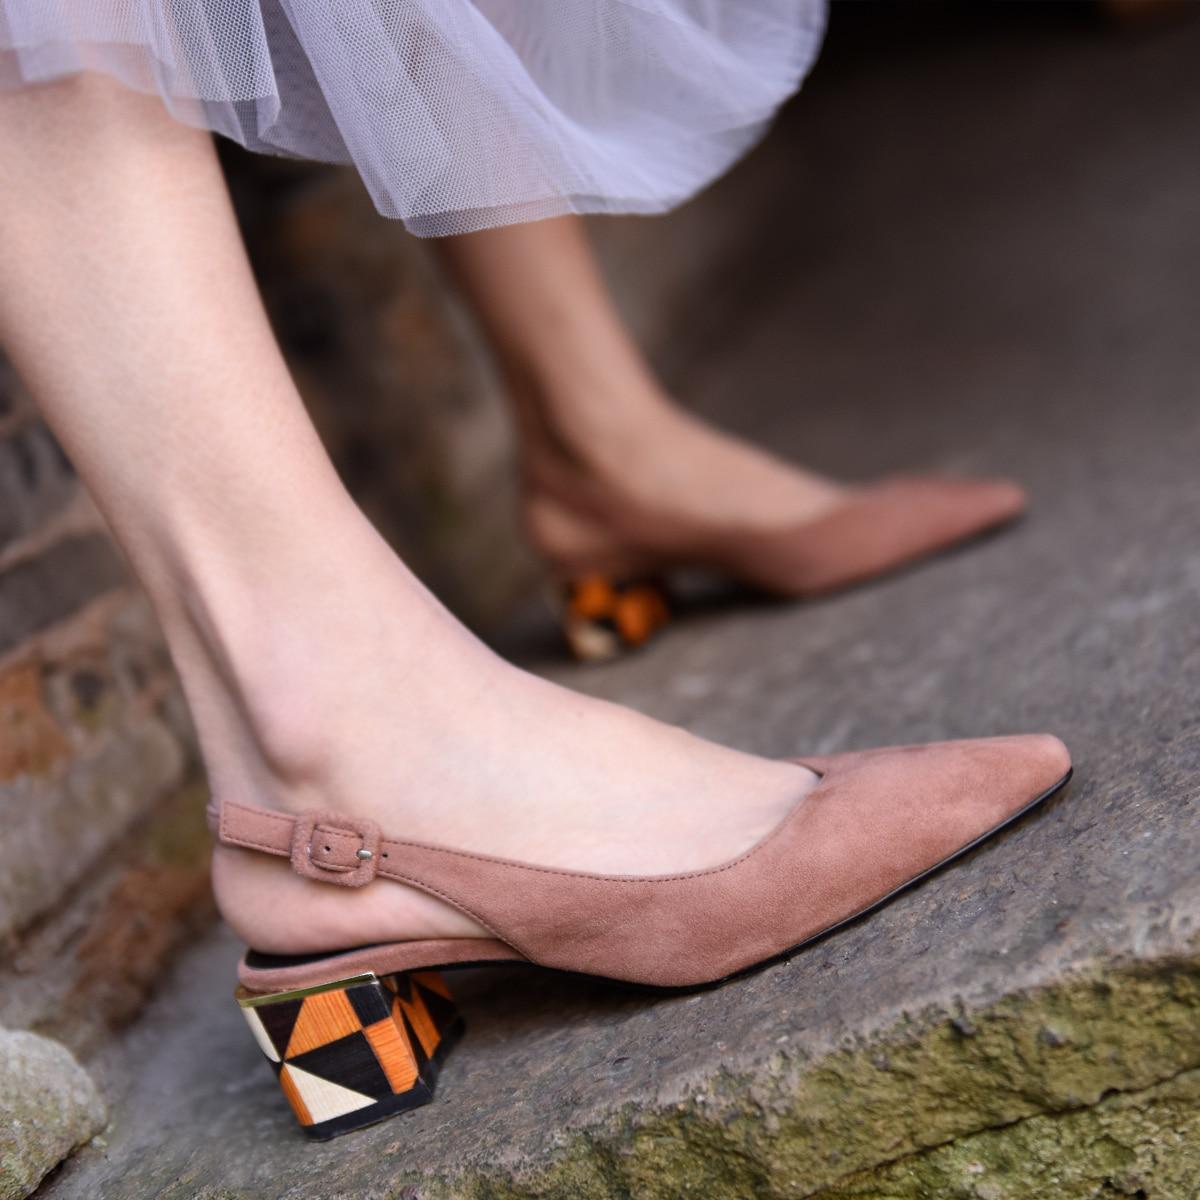 Sandalias artmu originales de tacón grueso para mujer, sandalias de cuero genuino con punta estrecha, novedad de verano, zapatos hechos a mano de tacón medio de piel de oveja